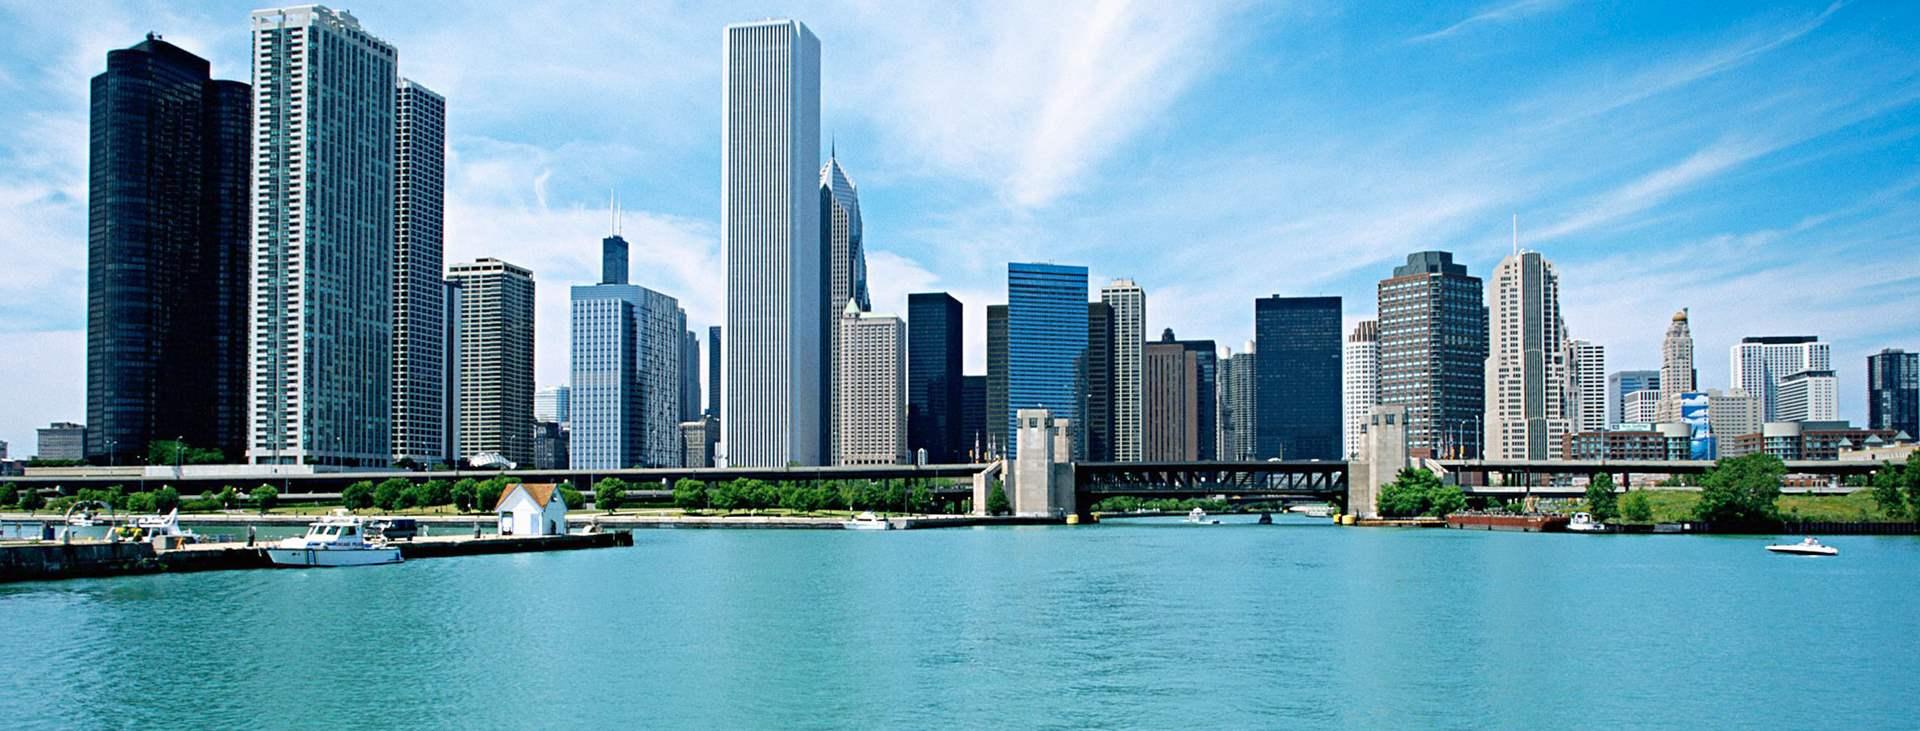 Bestill en reise med Ving til Chicago i USA